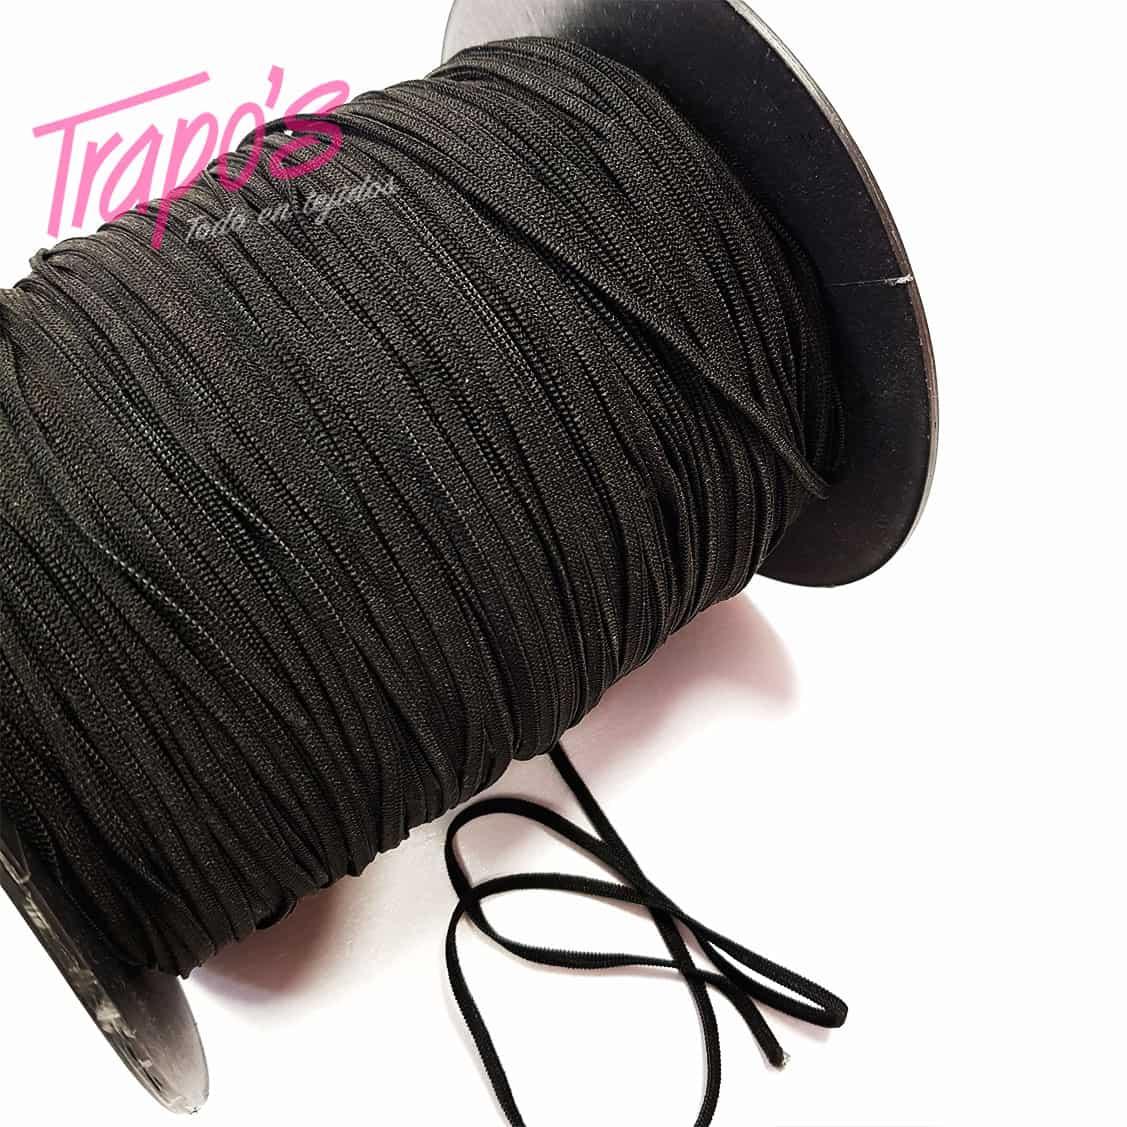 elastico-negro2